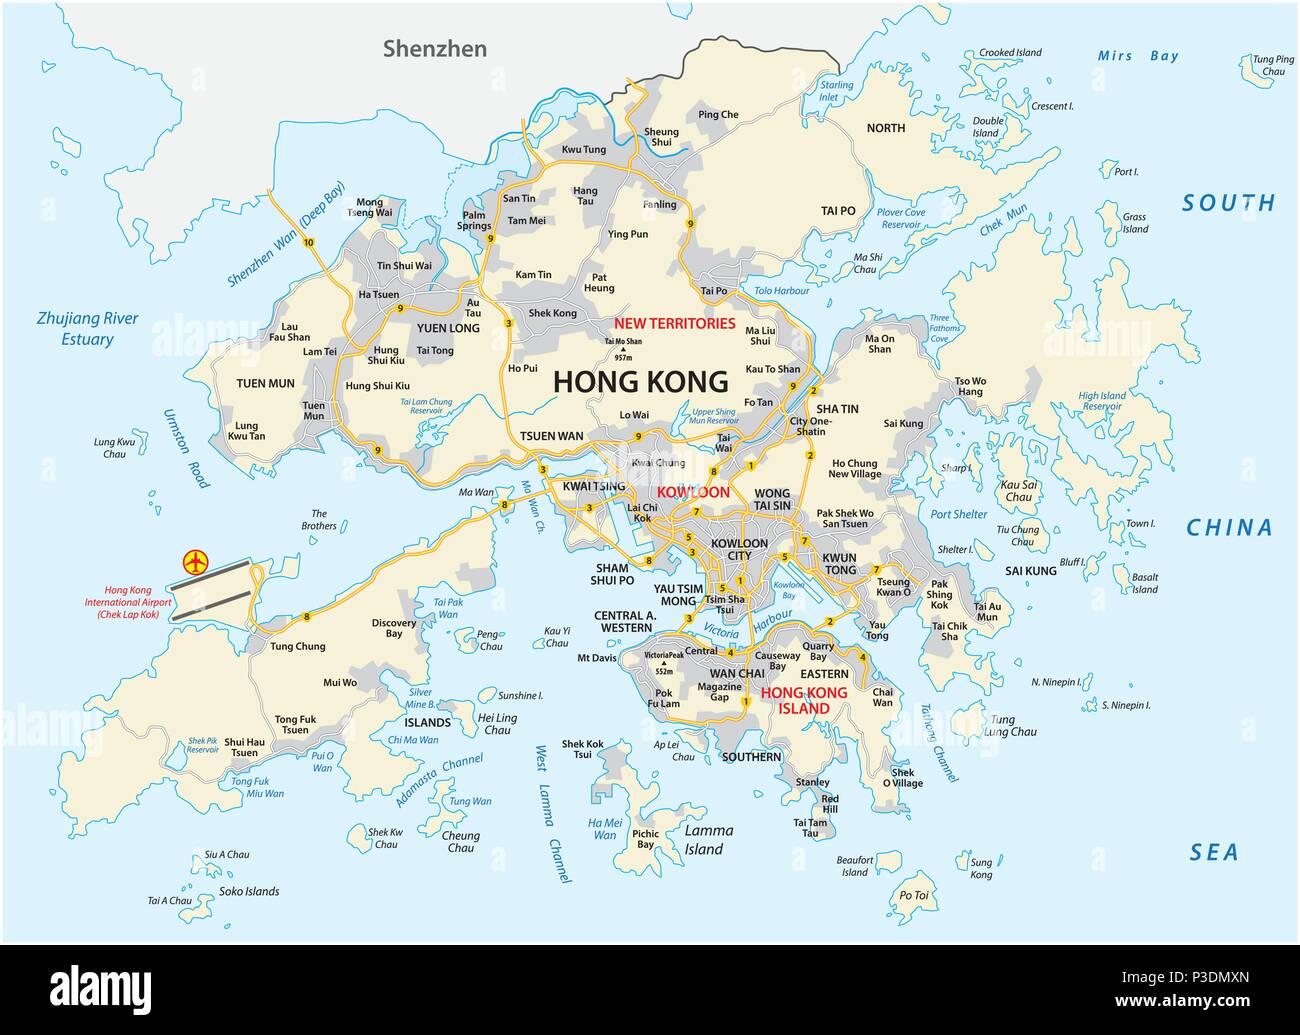 Cartina Hong Kong.Cina Cartina Immagini E Fotos Stock Alamy